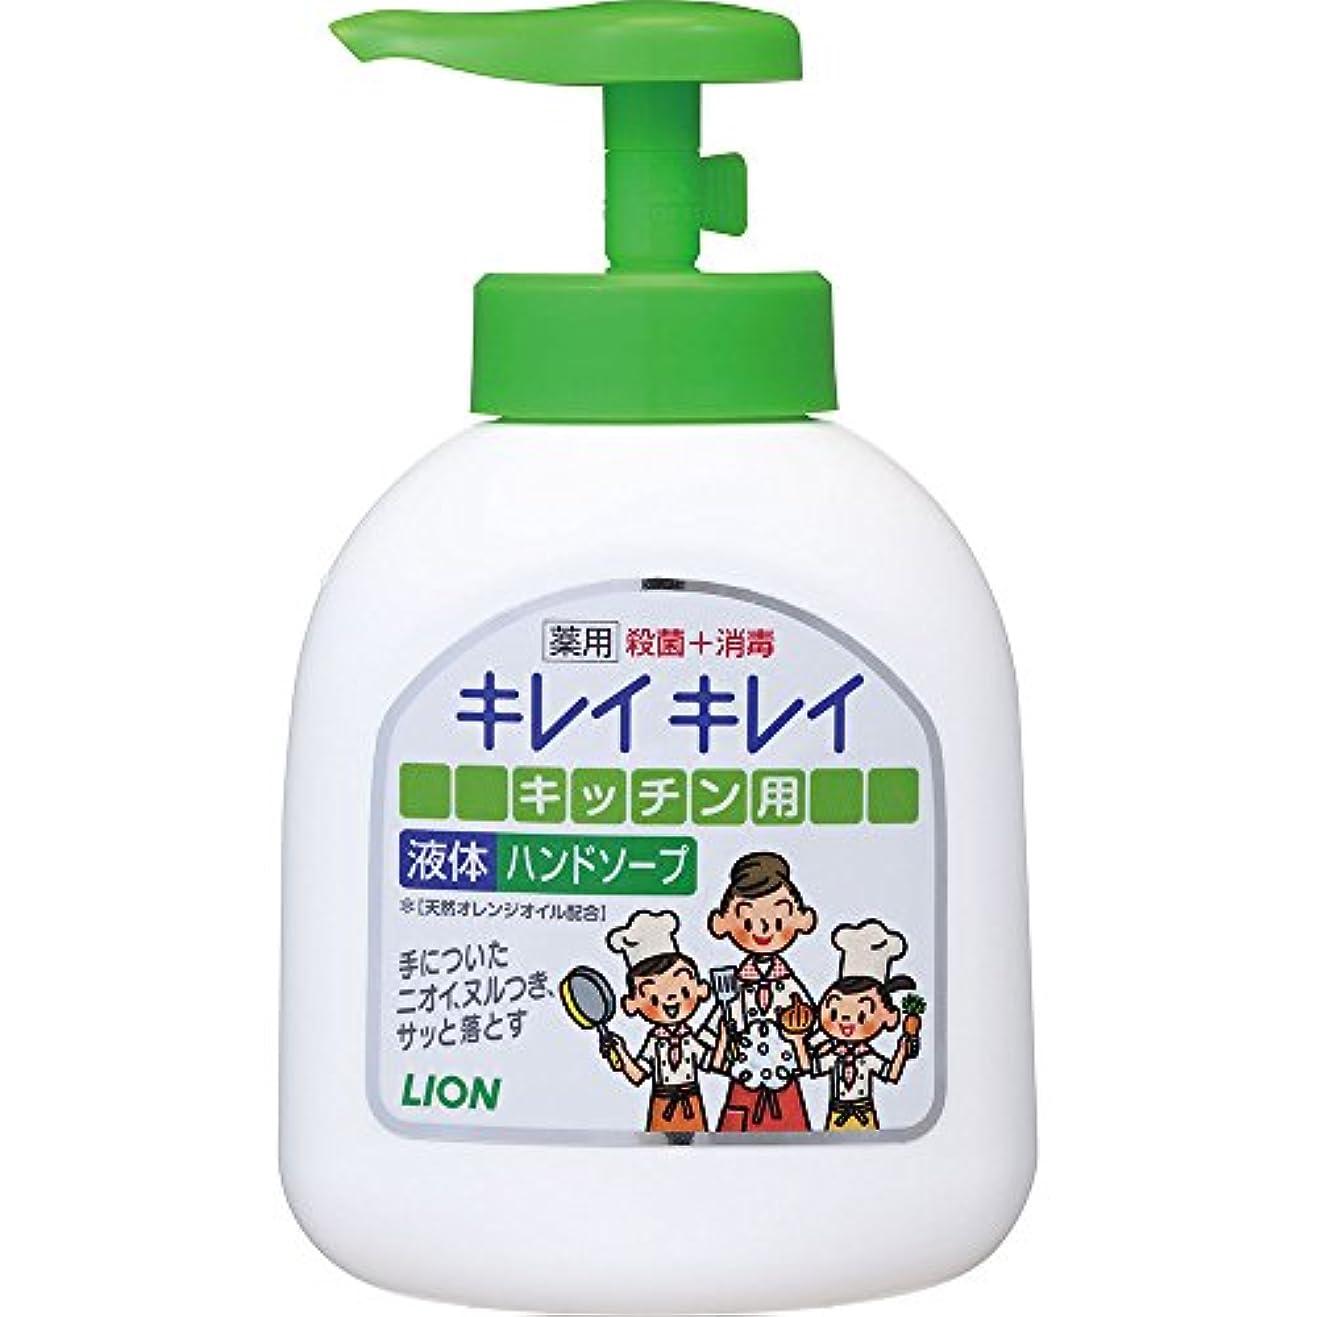 東部筋アーカイブキレイキレイ 薬用 キッチンハンドソープ 本体ポンプ 250ml (医薬部外品)